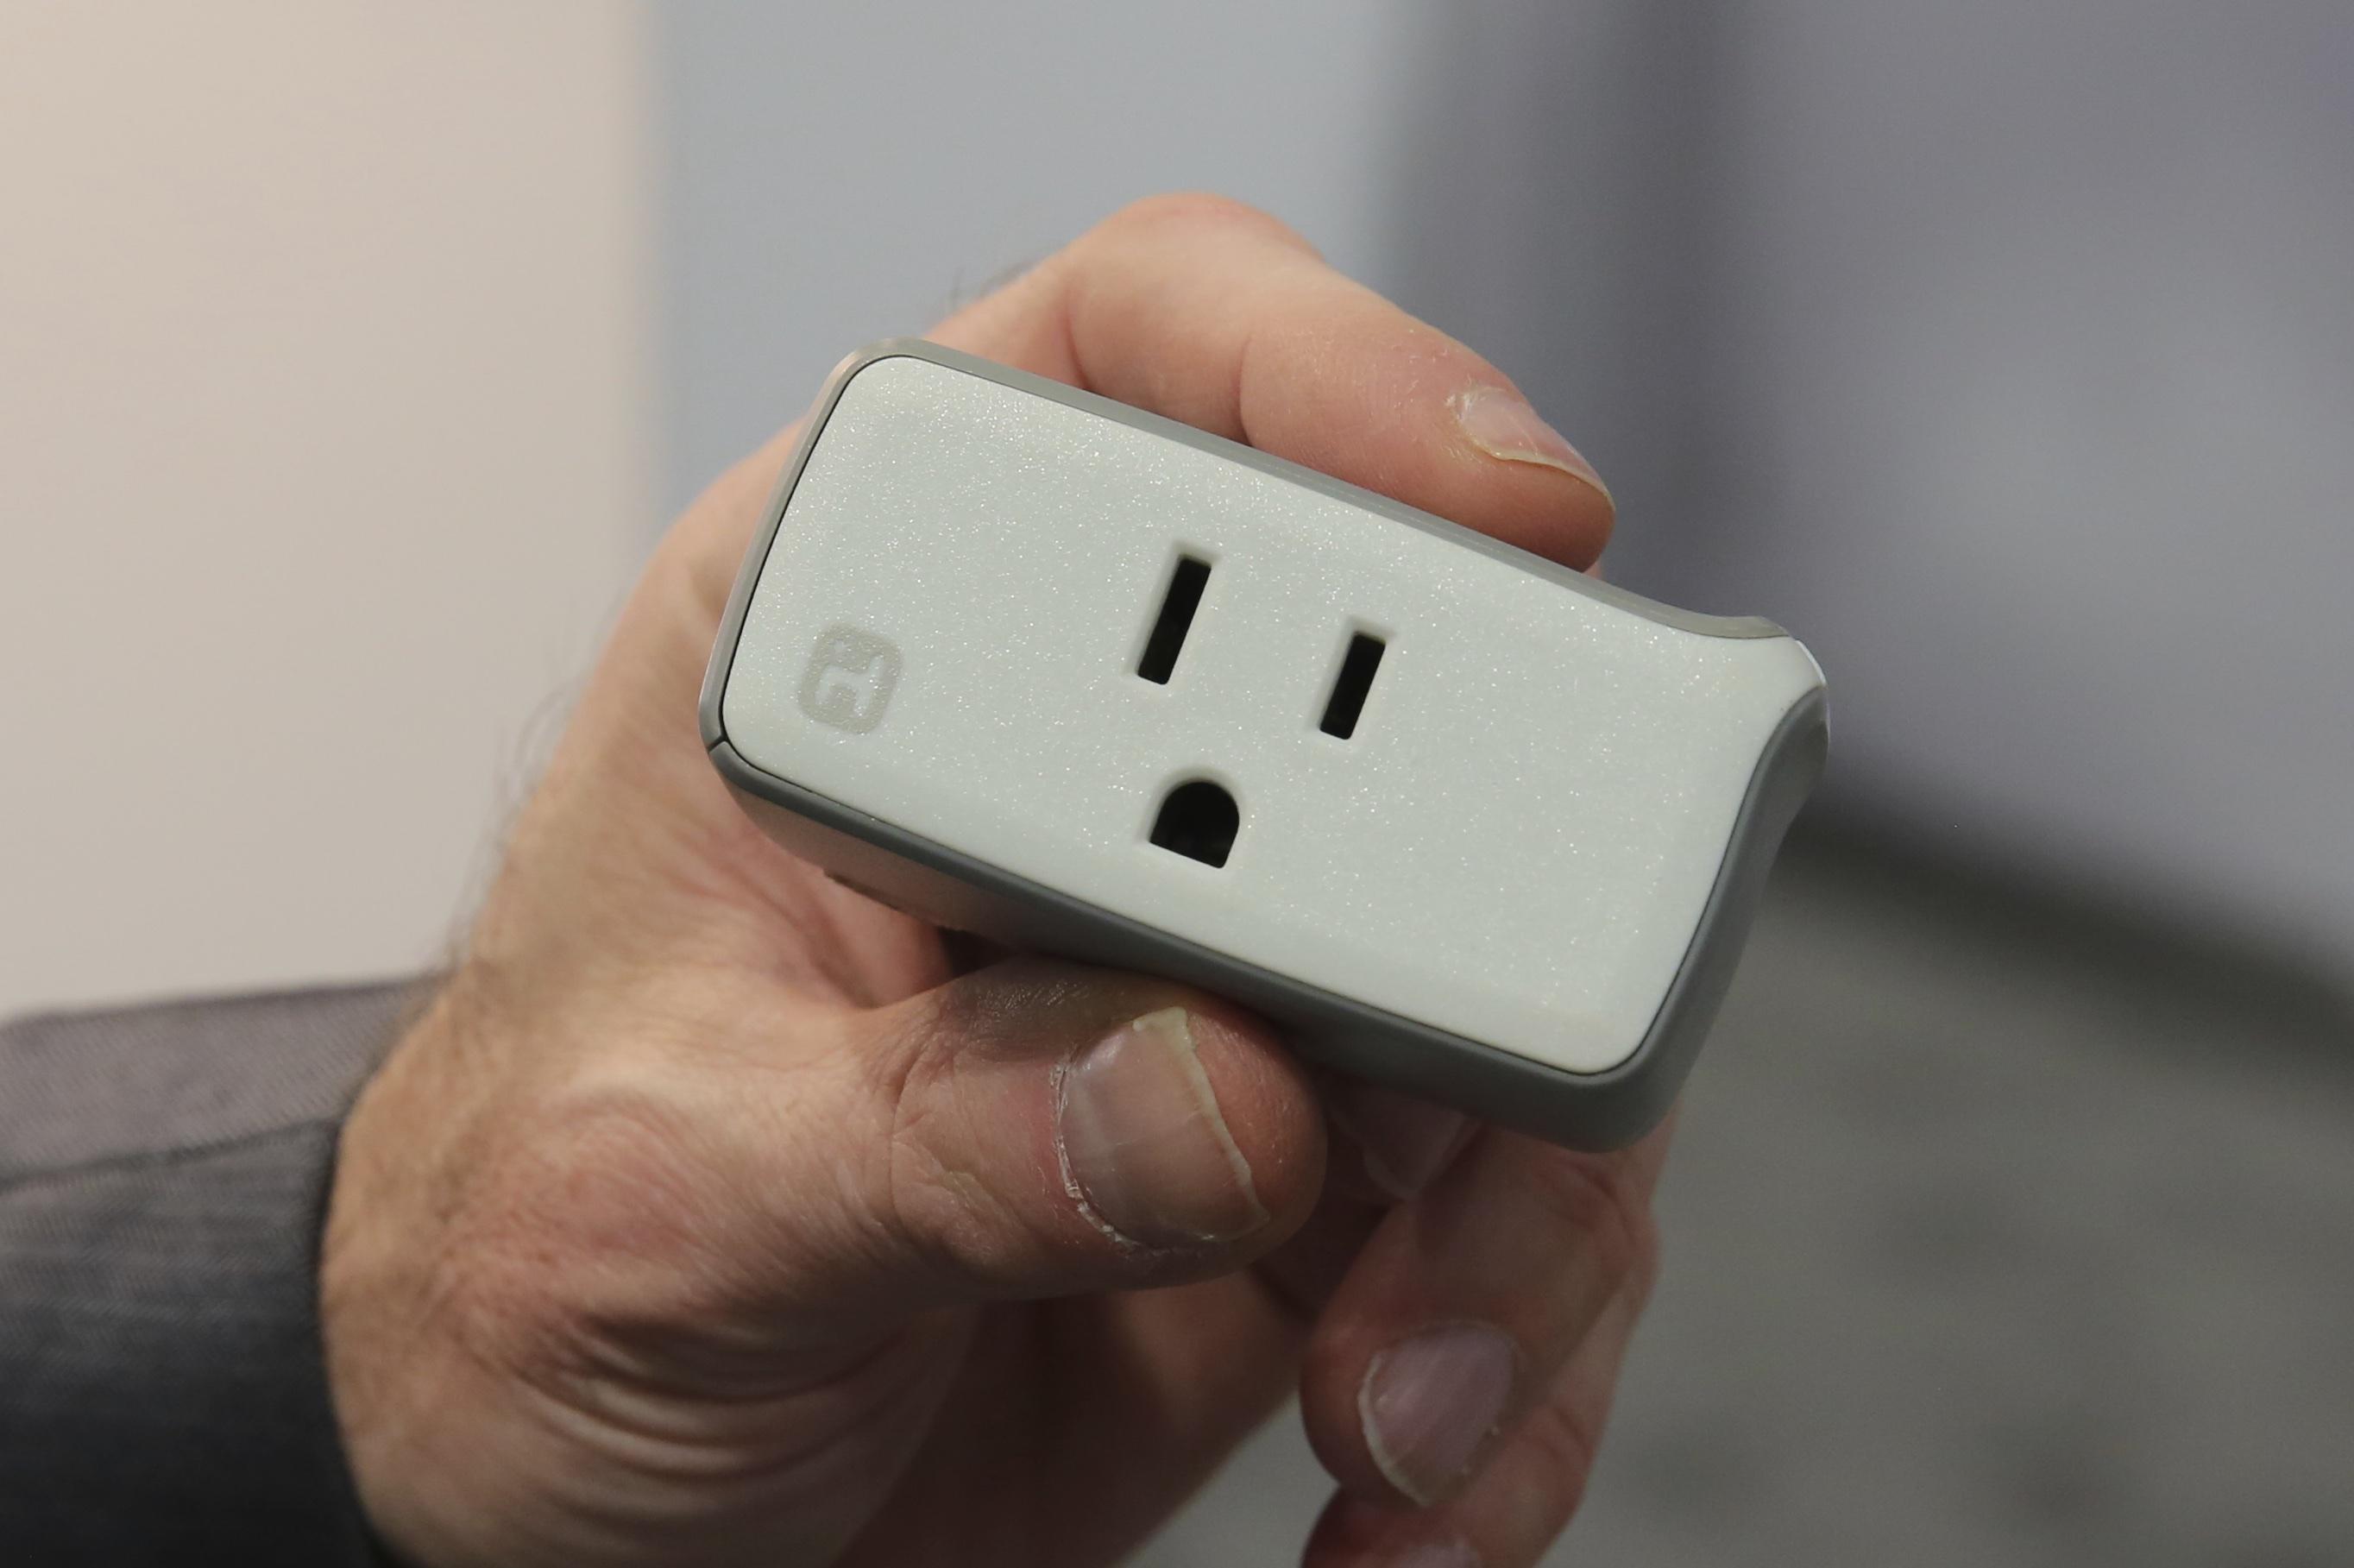 iHome HomeKit SmartPlug